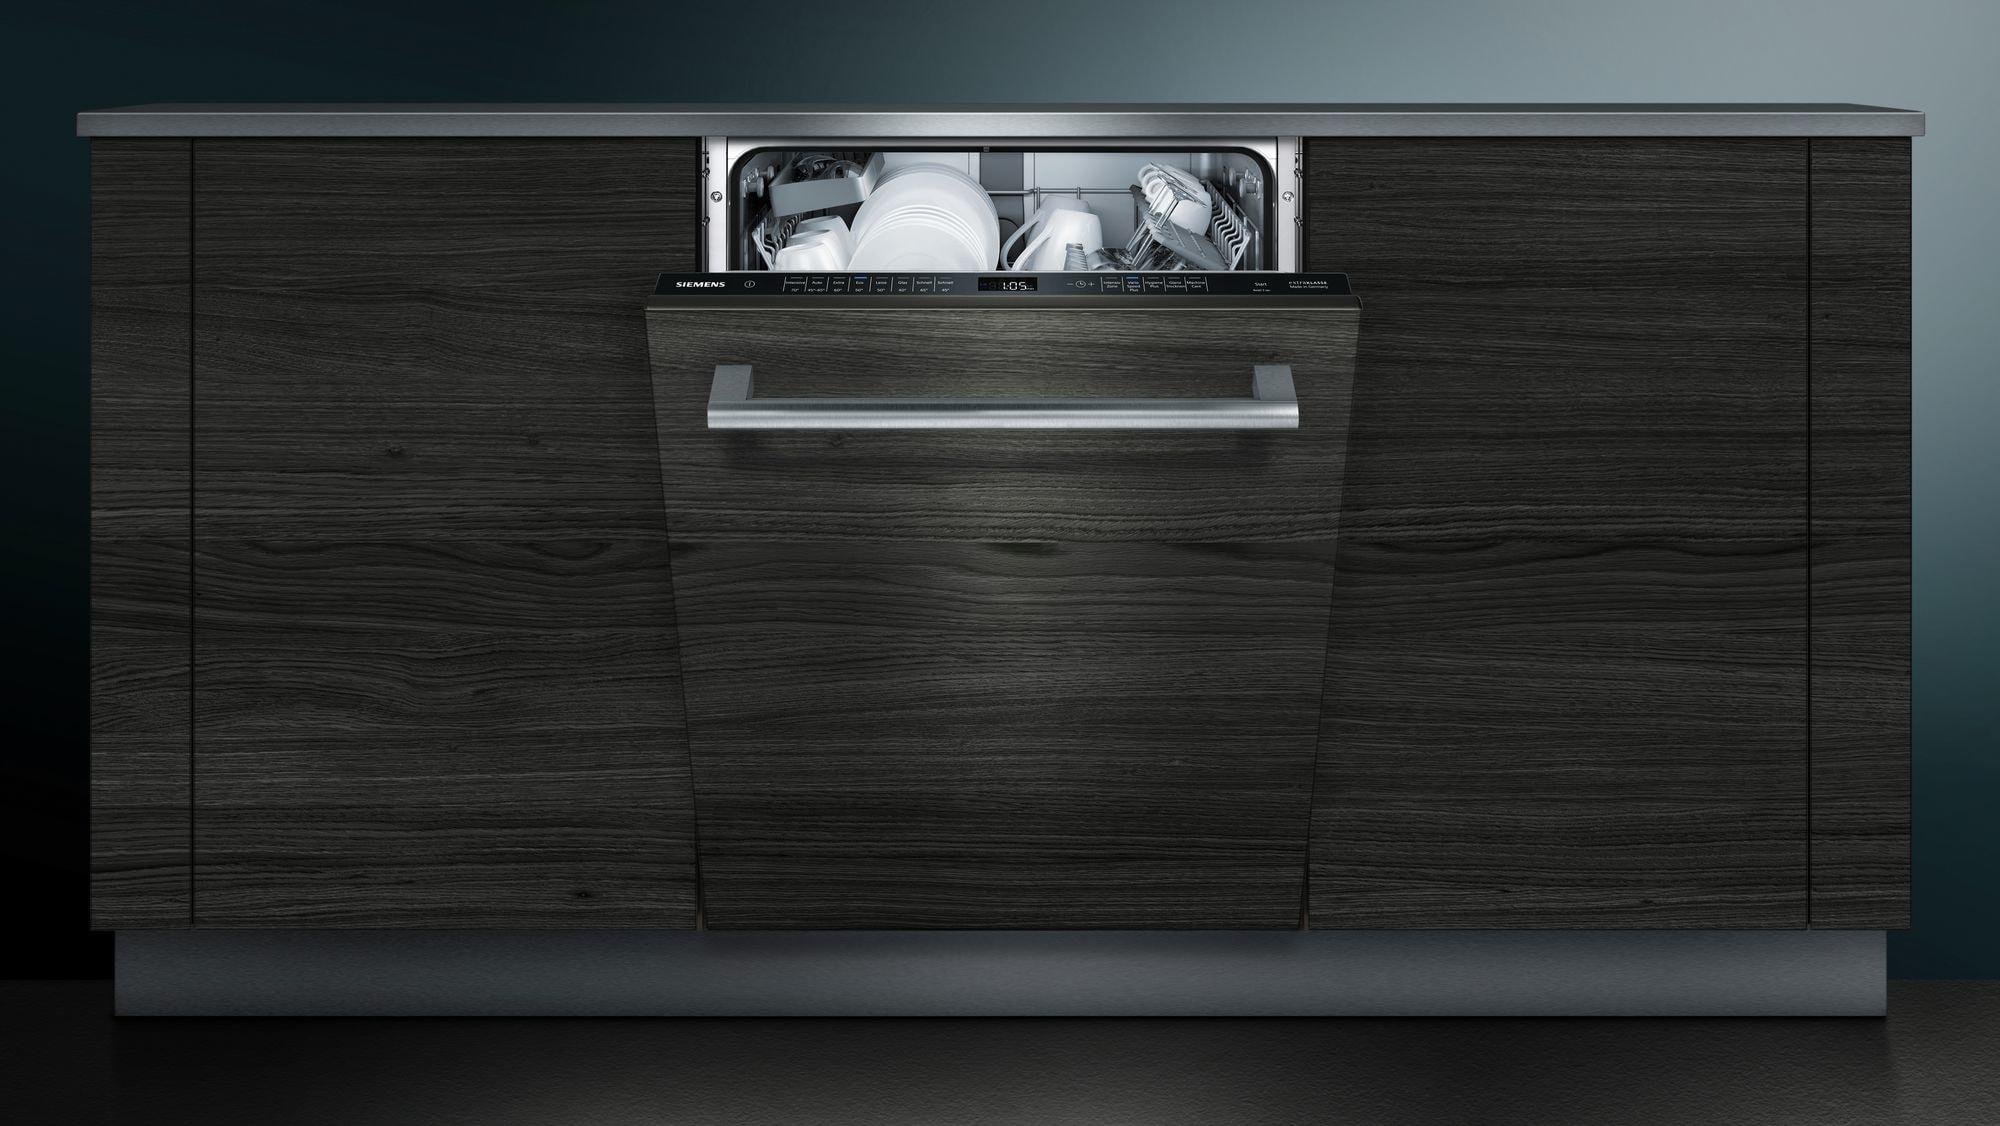 Siemens dunstabzugshaube filter spülmaschine: dunstabzugshaube test